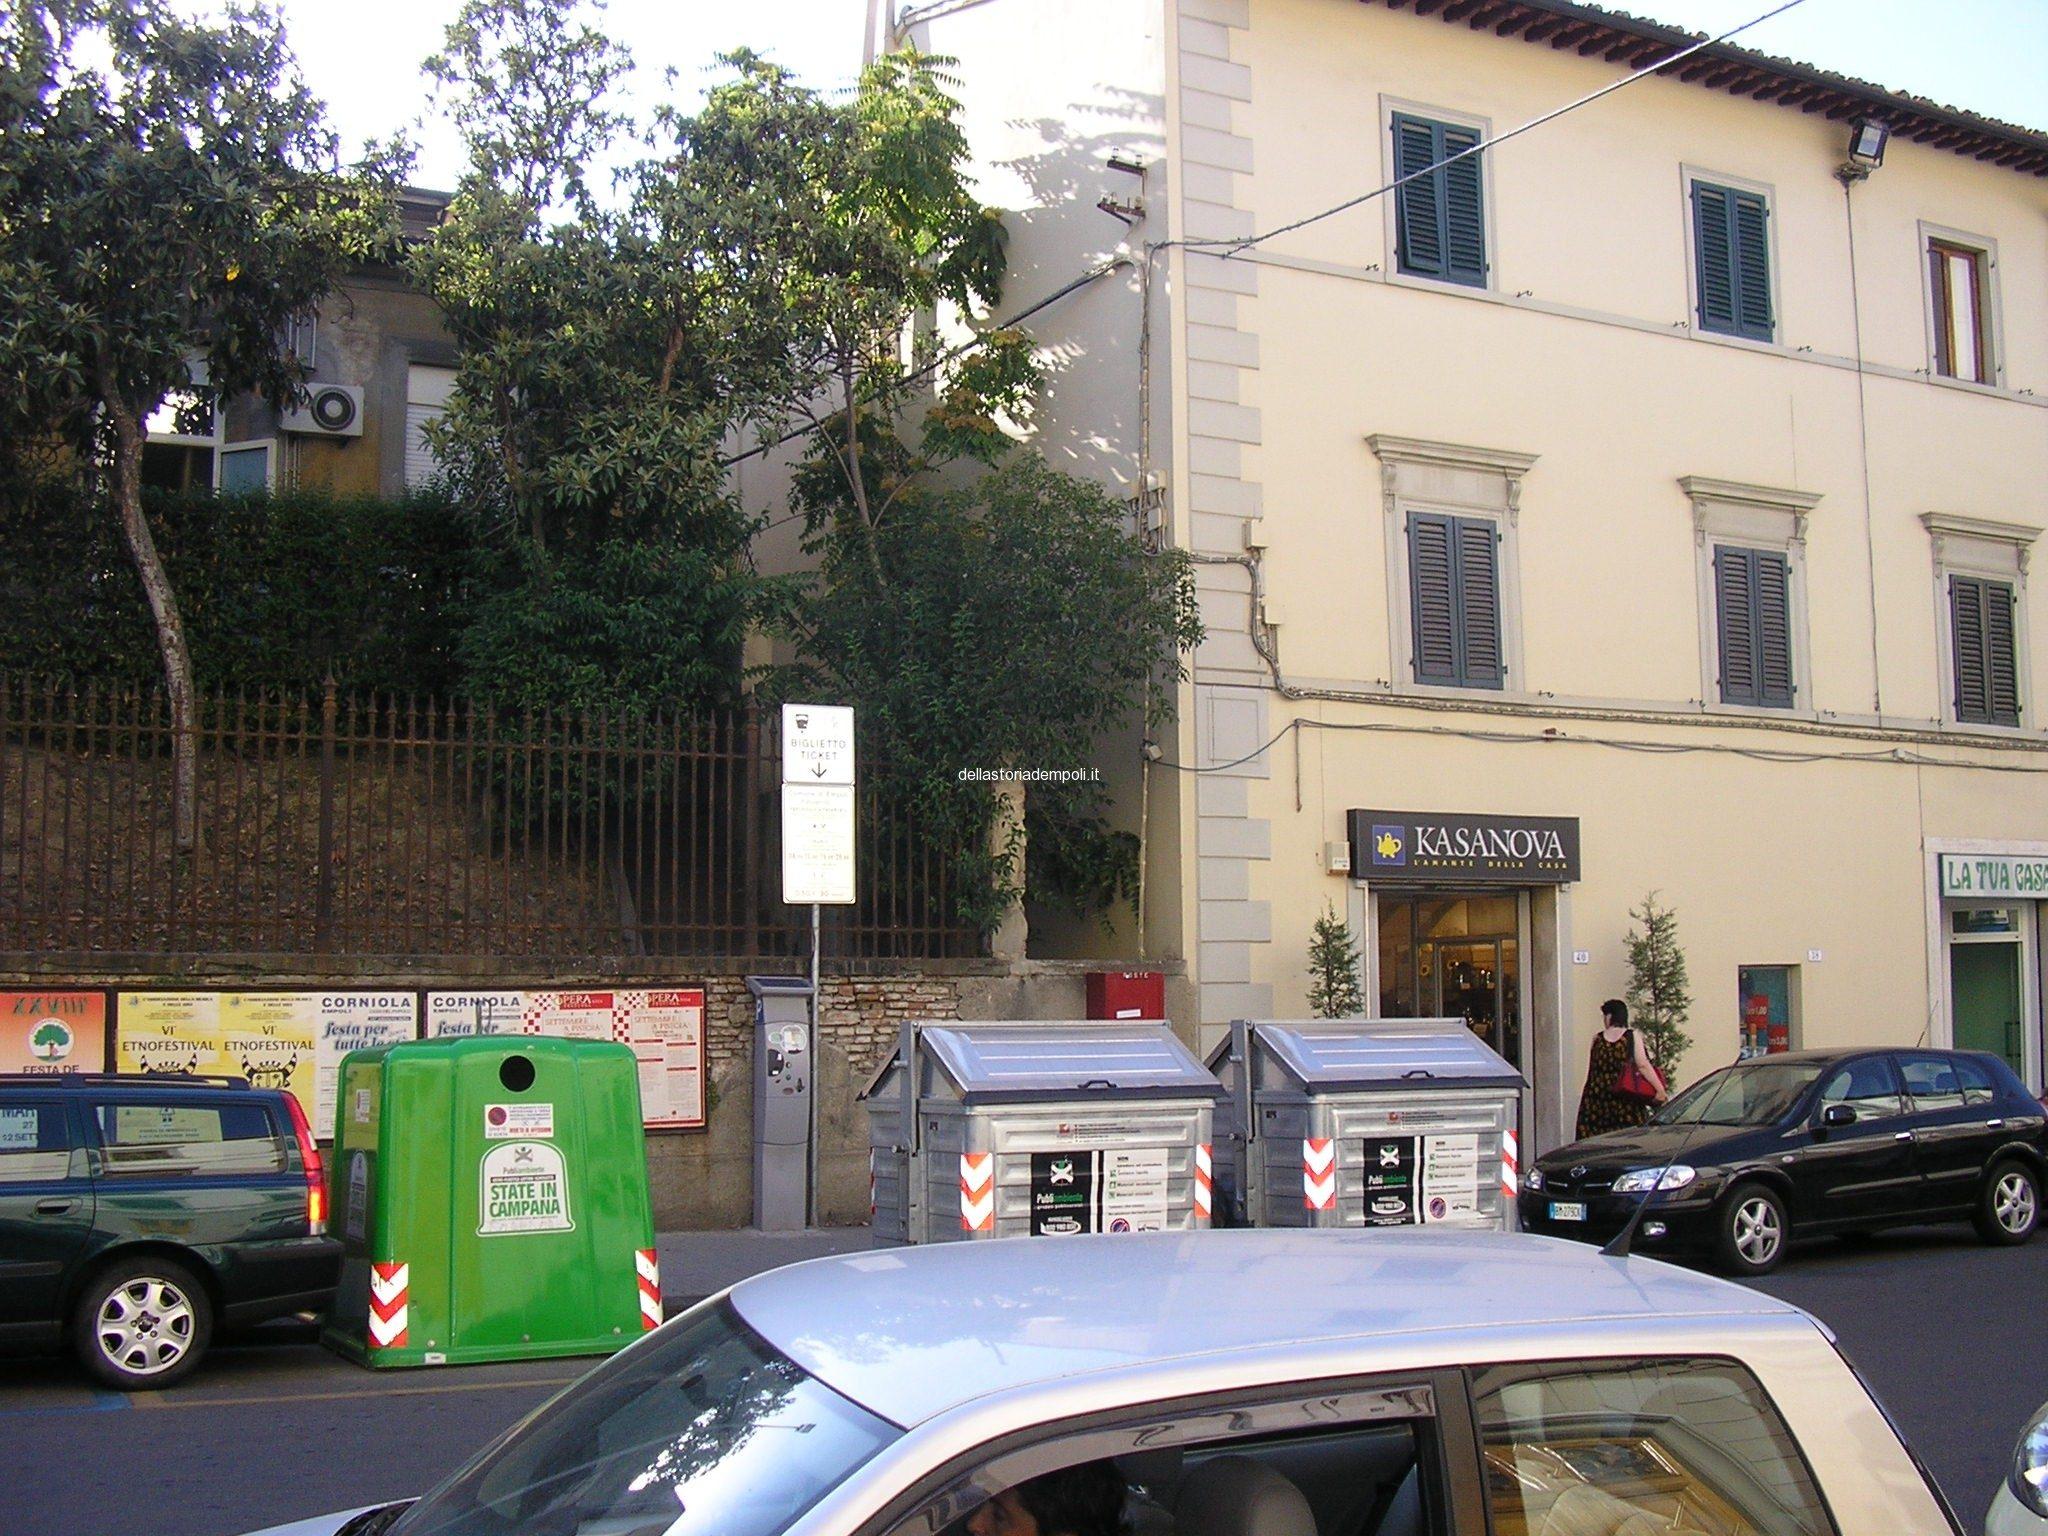 Sulle Mura D'Empoli: Progetto Di Rigenerazione Urbana N° 2 – Di Carlo Pagliai